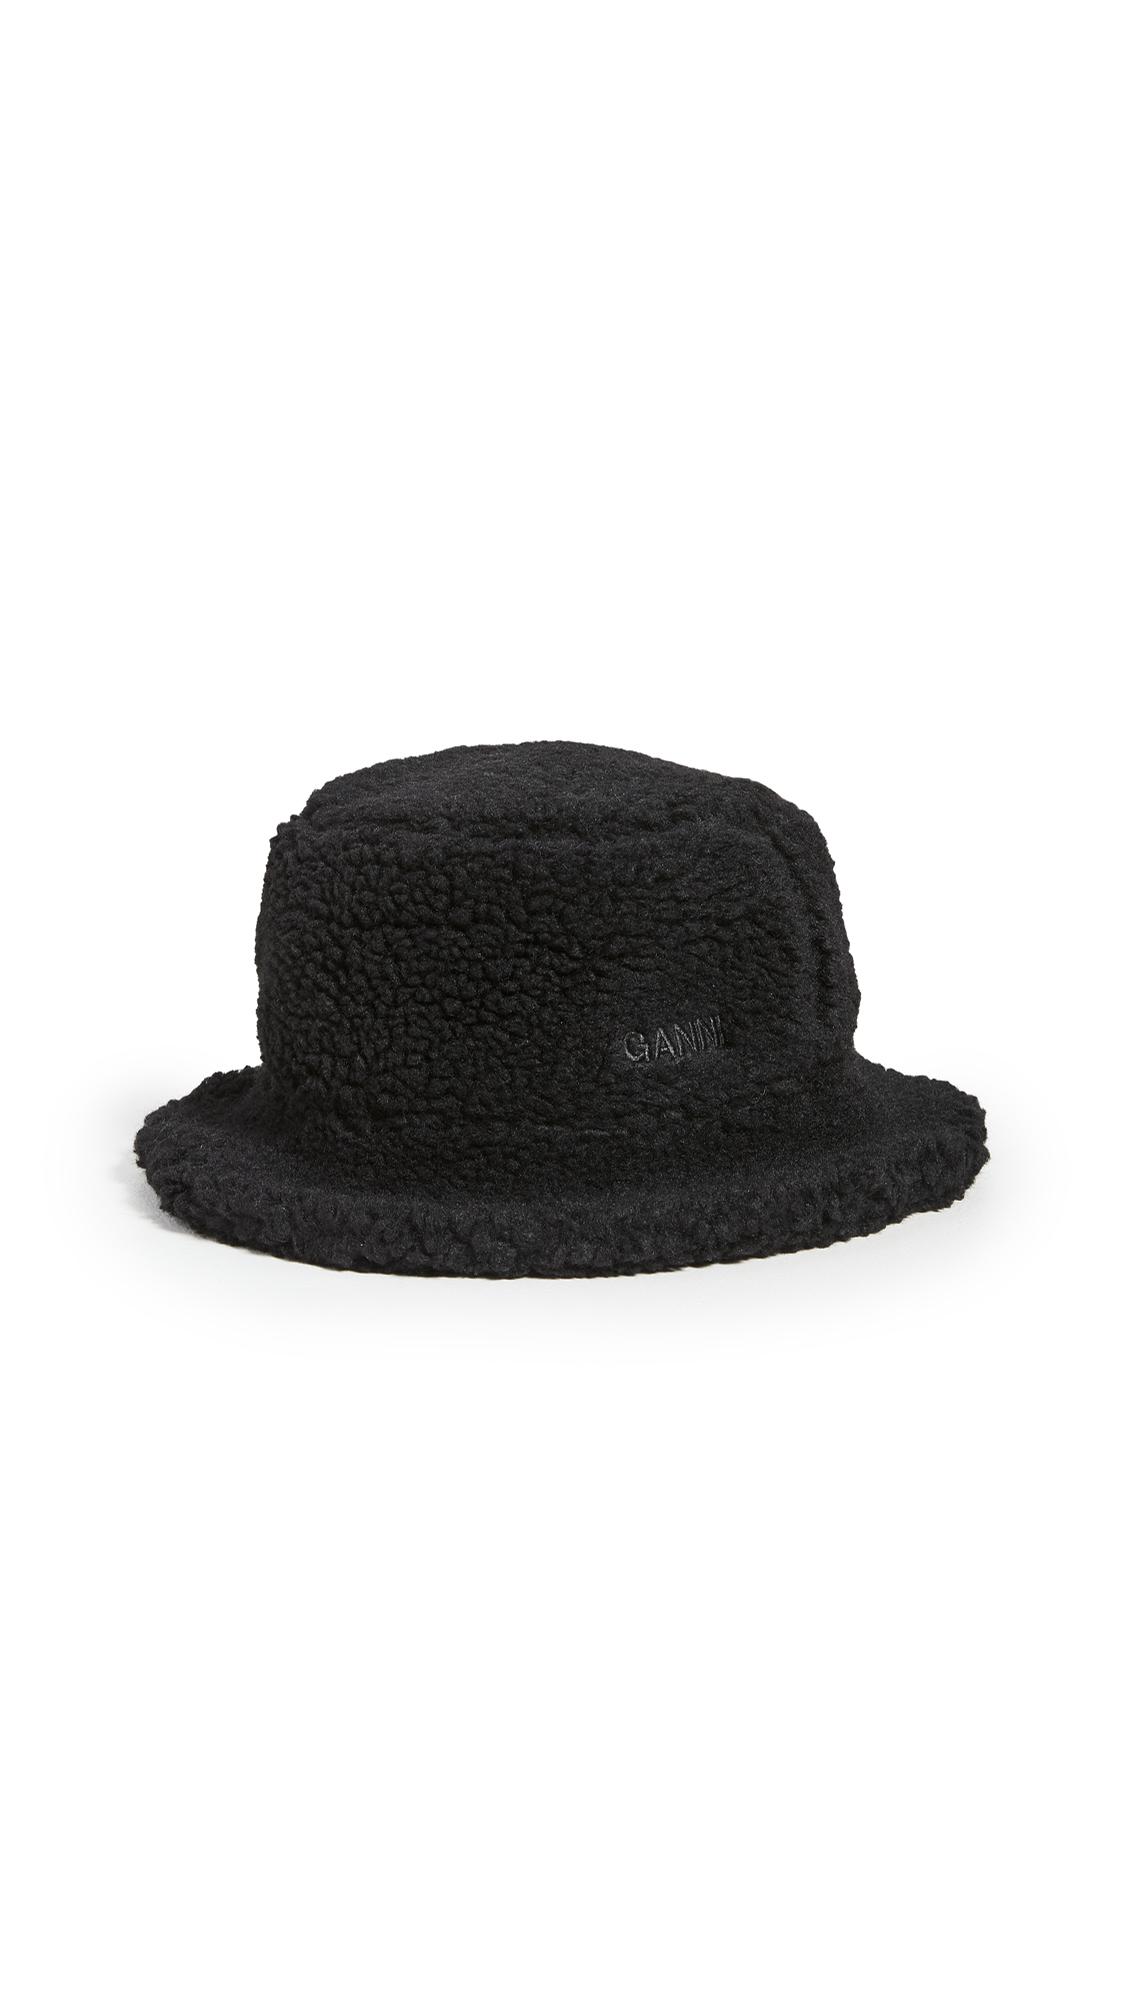 GANNI Teddy Hat